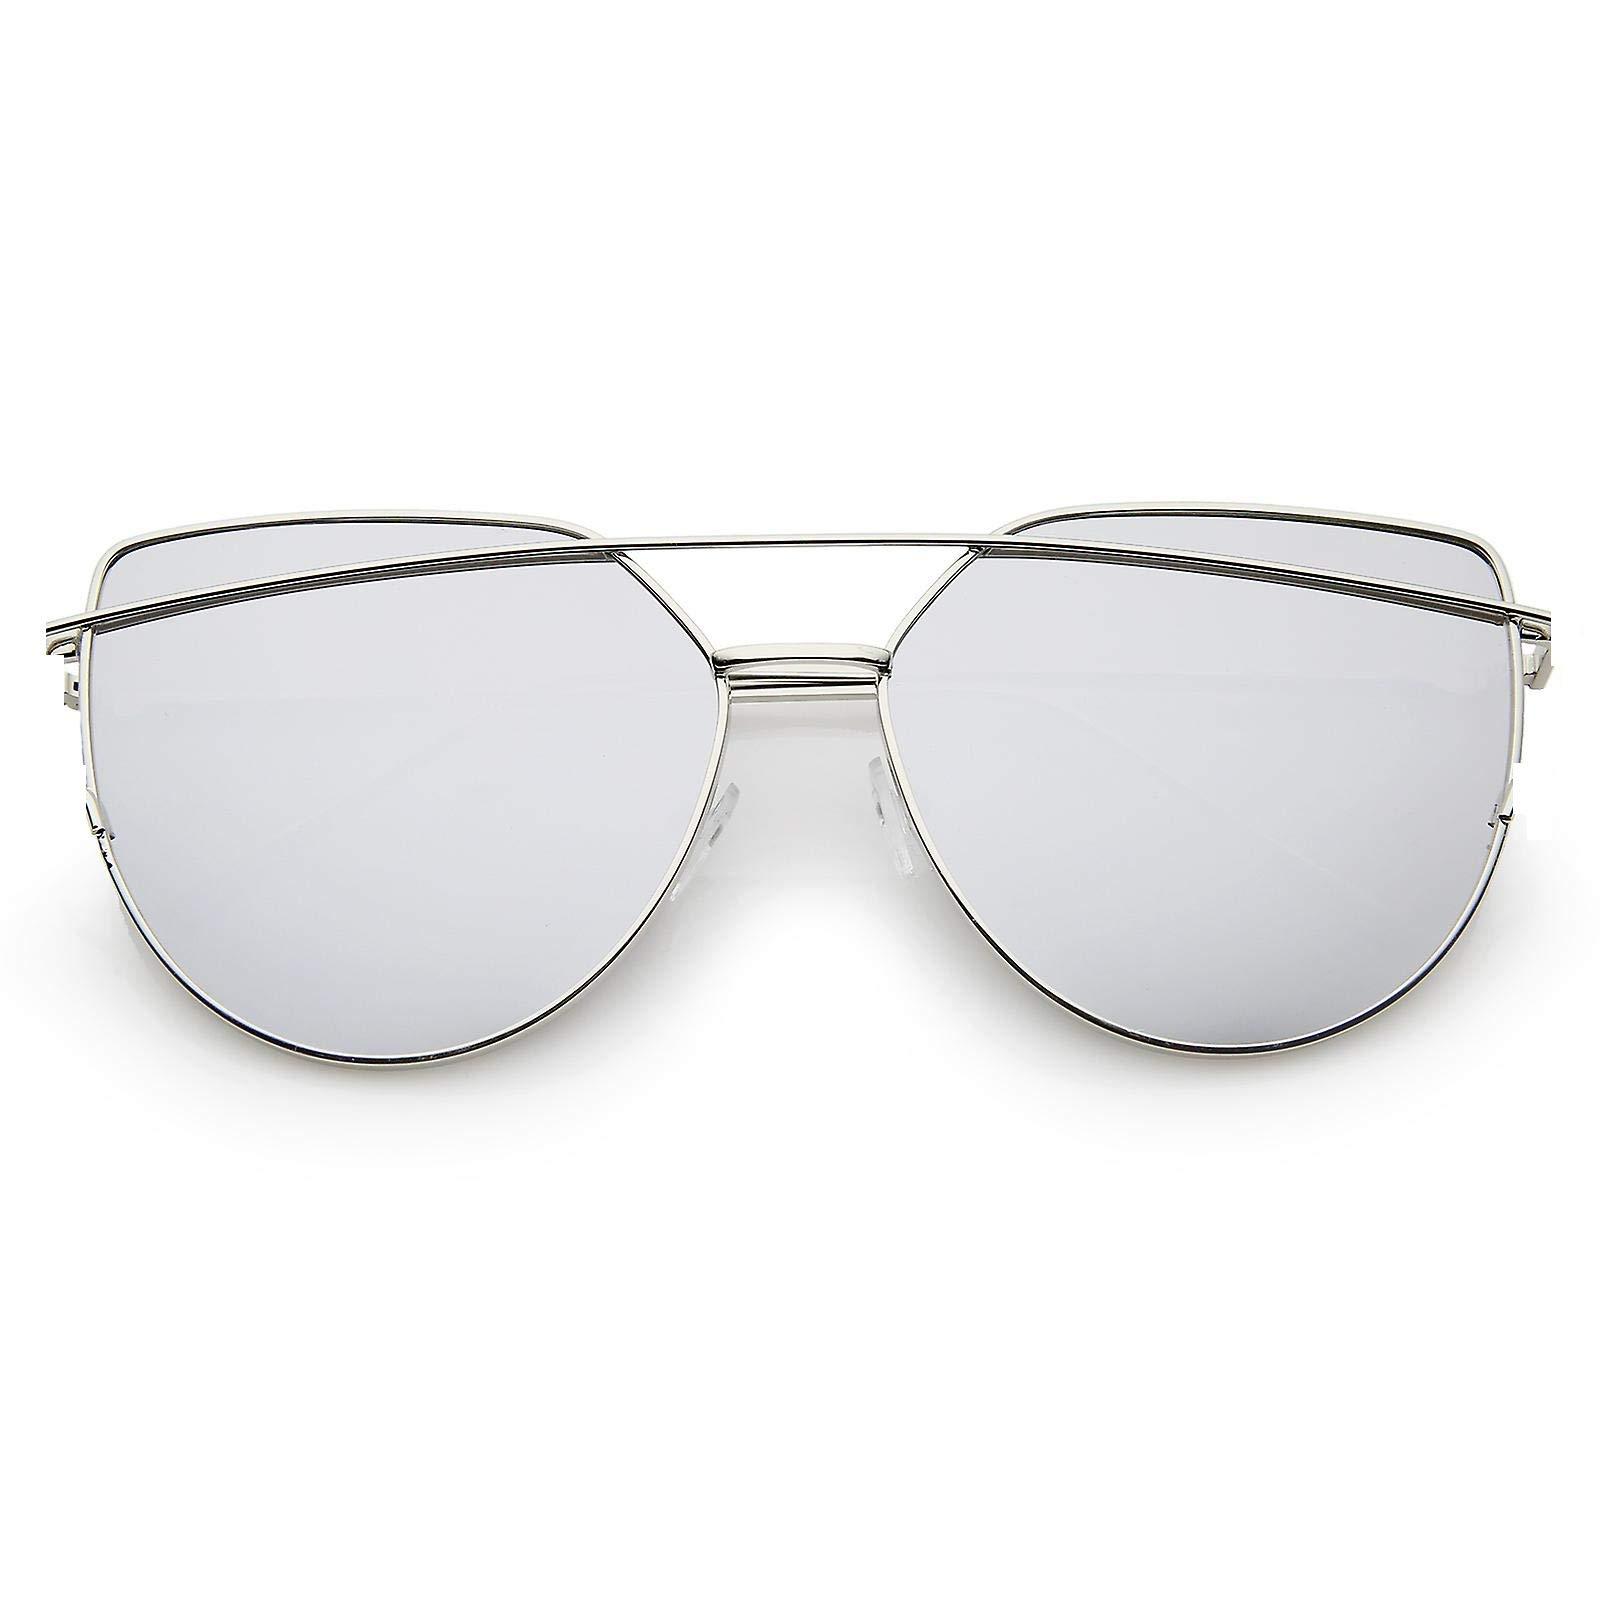 bc5e08f7890 Sheomy unisex UV protected cat eye stylish silver mercury sunglasses ...